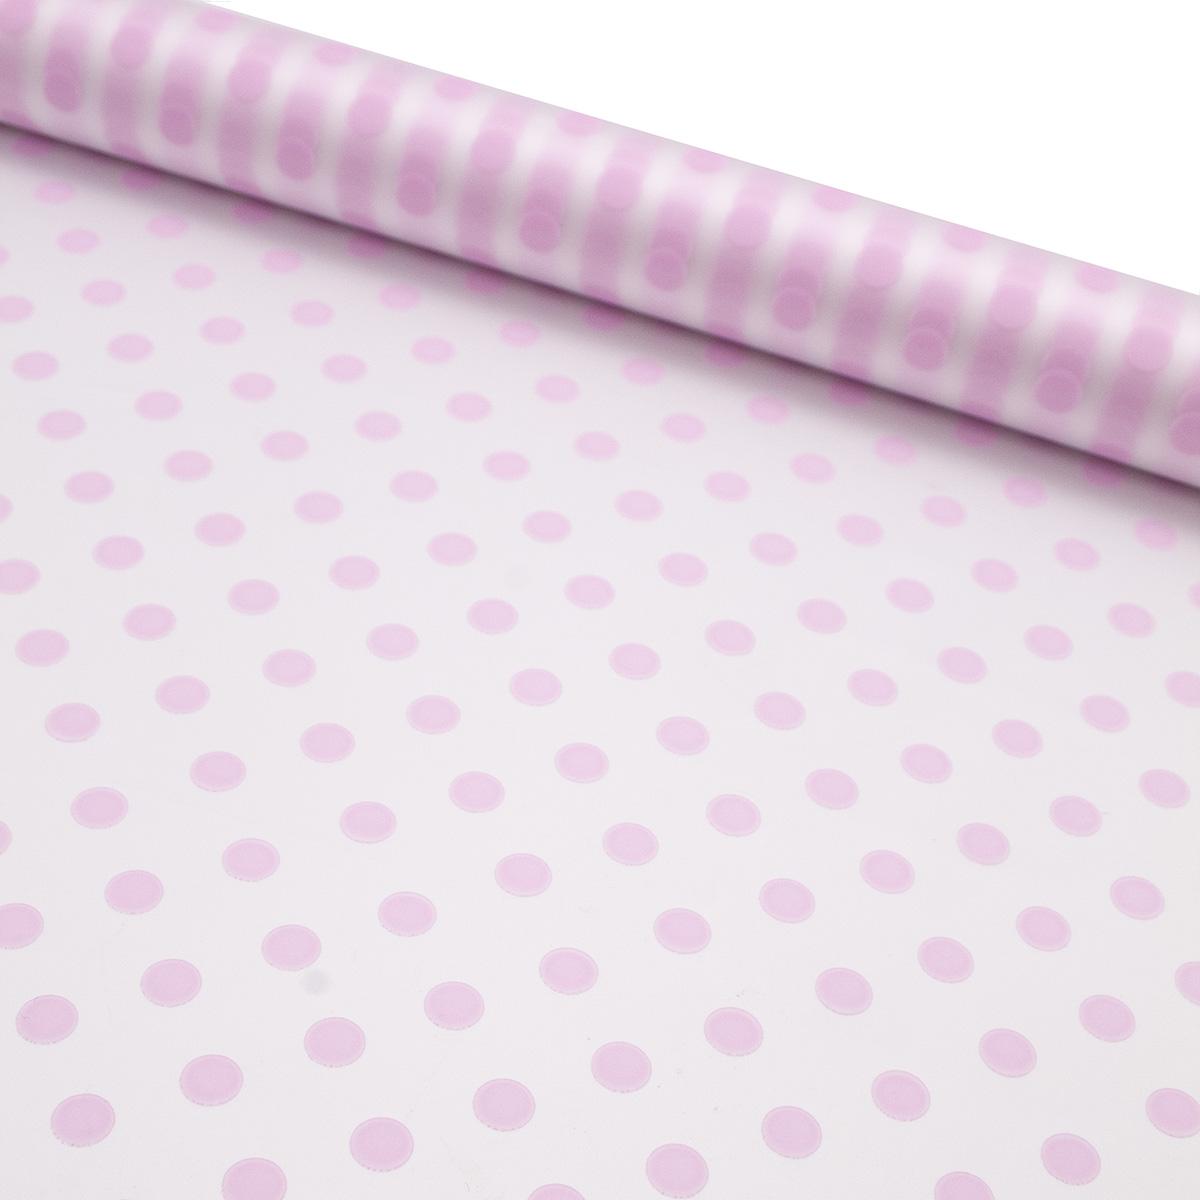 69820 Пленка матовая Бисер 70см*10м светло-розовый фото